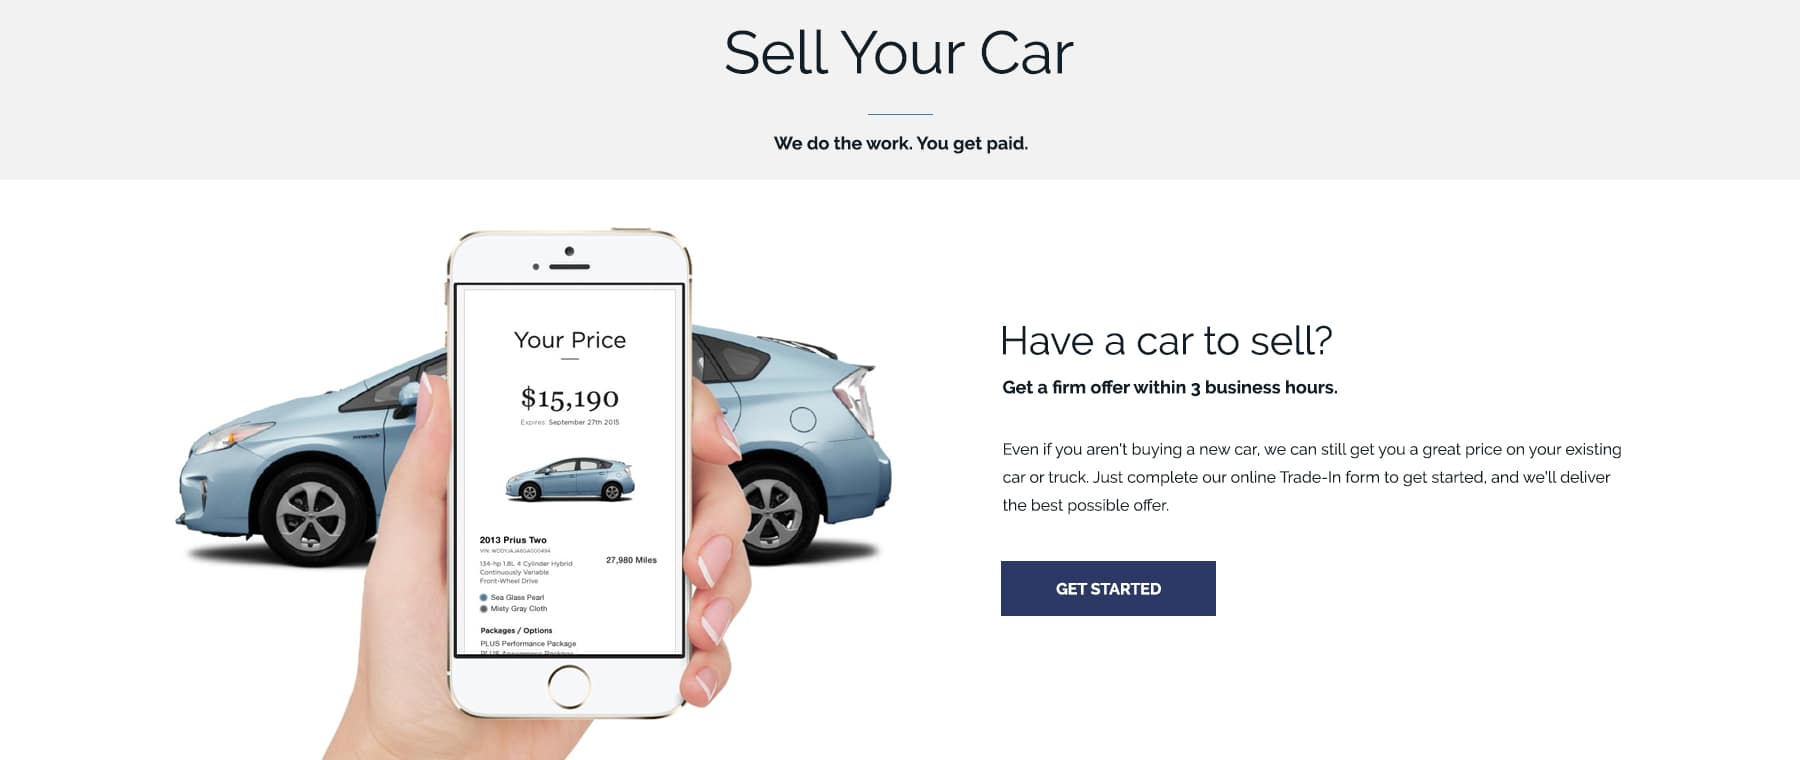 Car & Truck Trade-In Value | Grappone Toyota near Concord